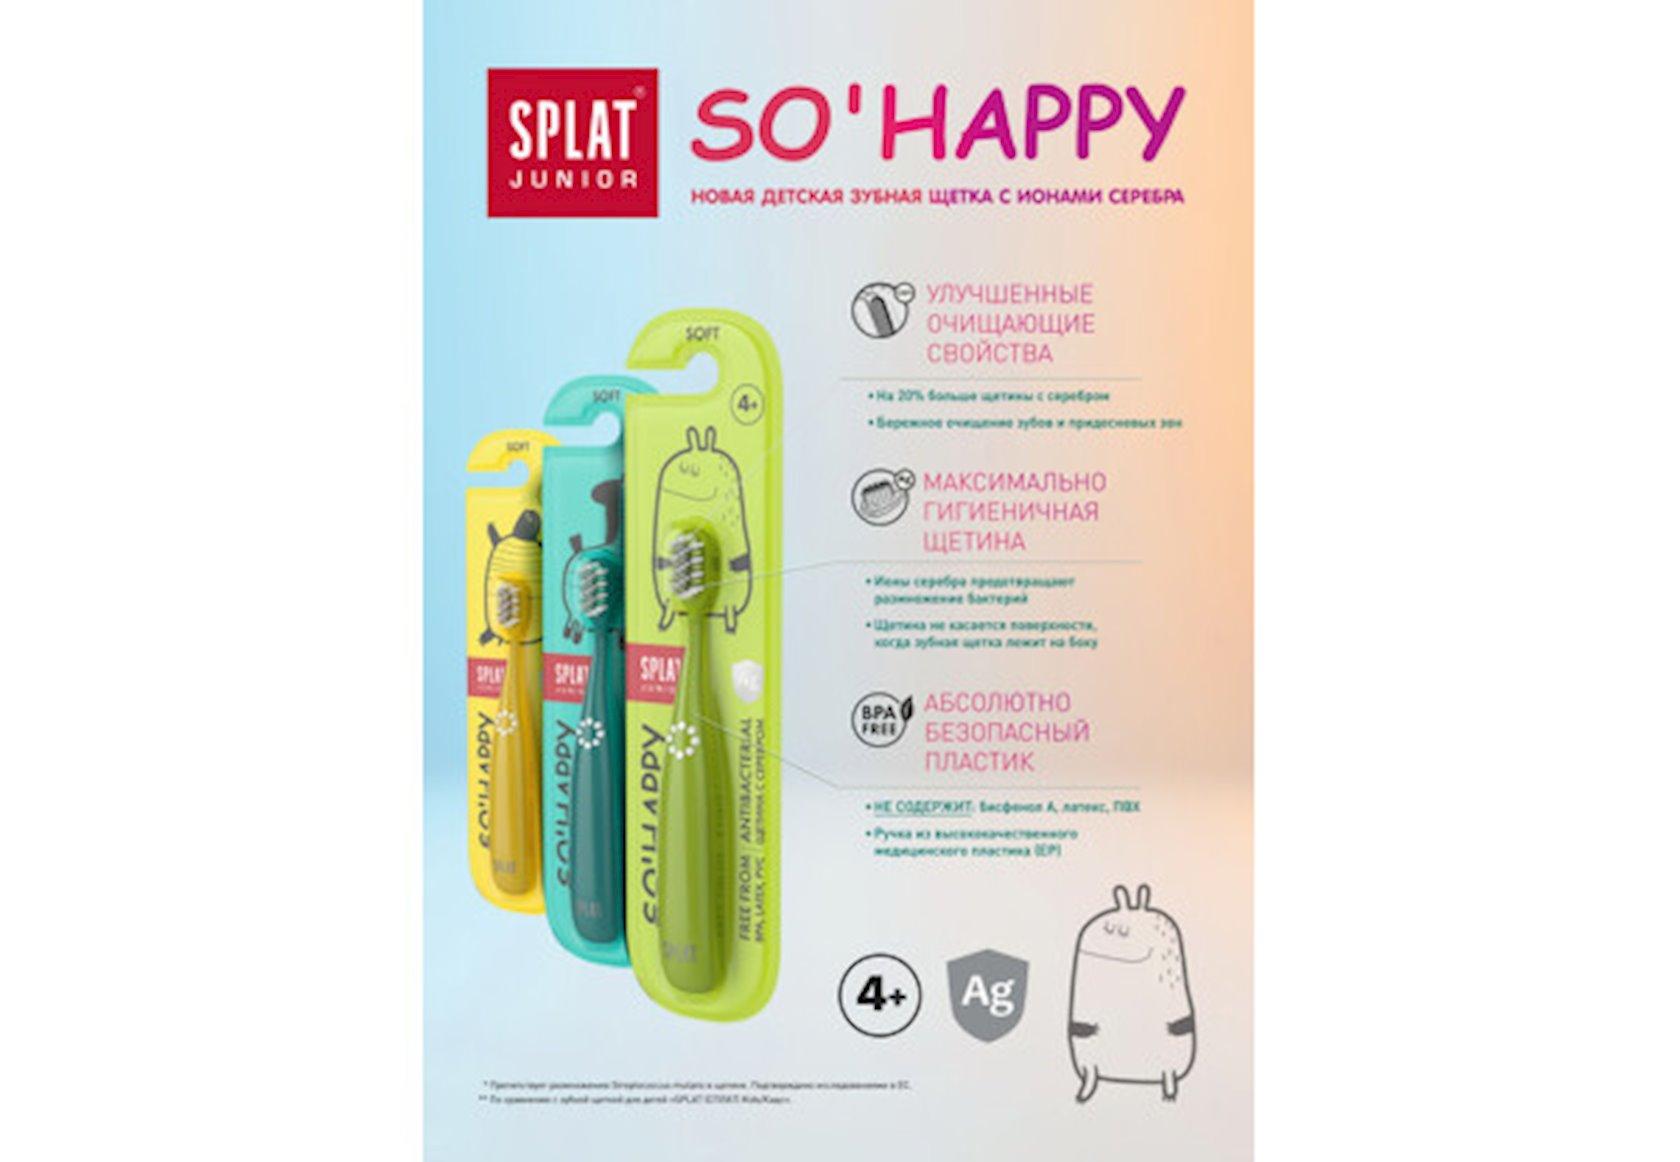 Diş fırçası uşaq üçün Splat Junior